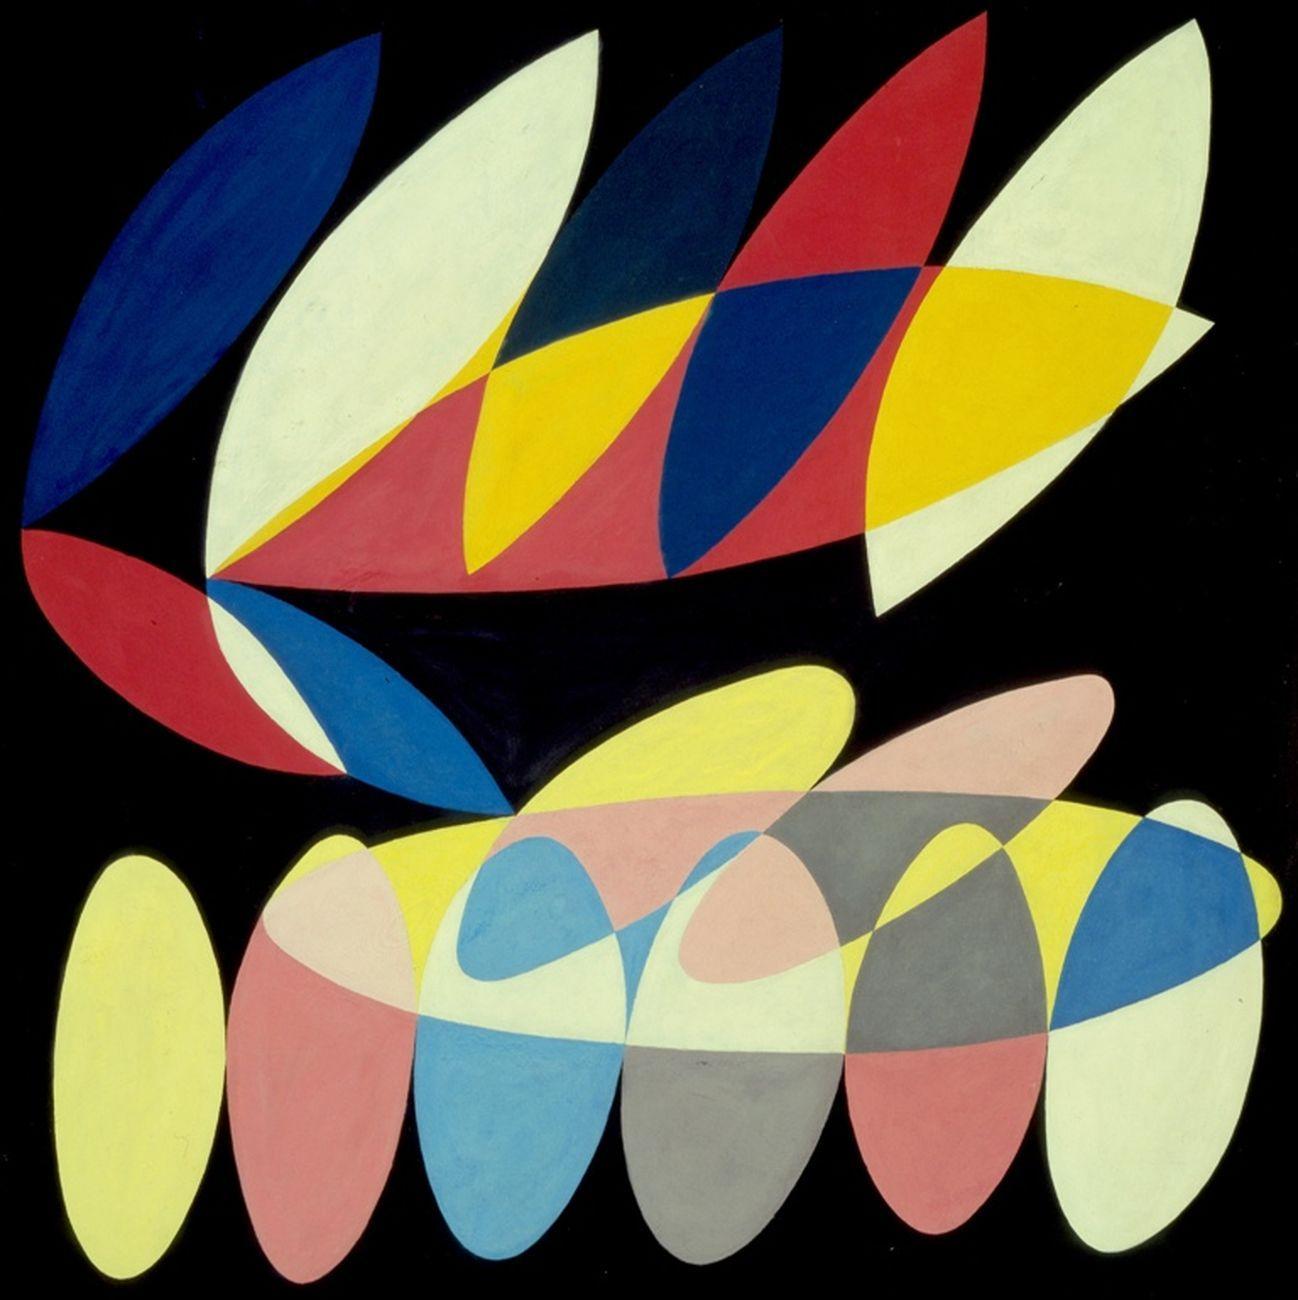 Angelo Bozzola, Funzione di forma concreta, s.d. Collezione Intesa Sanpaolo